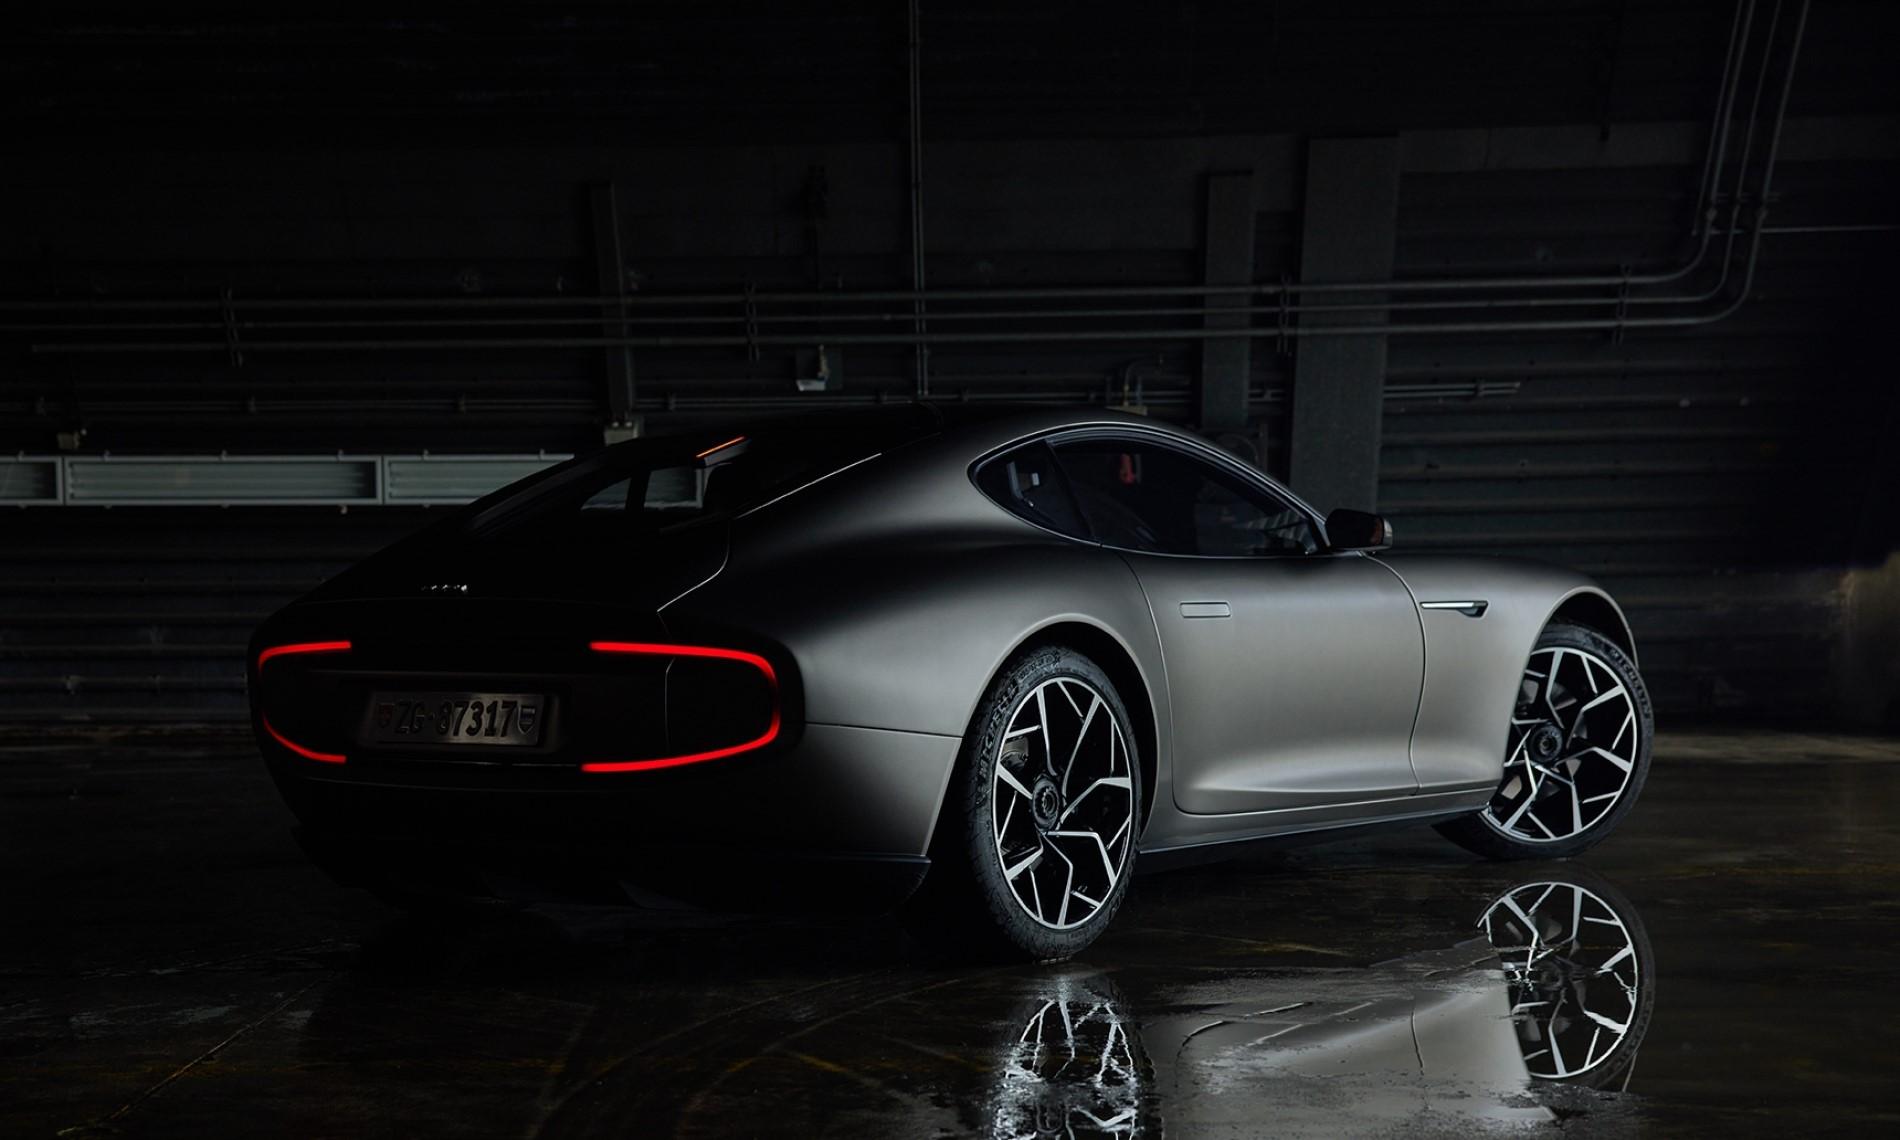 Piech GT EV rear